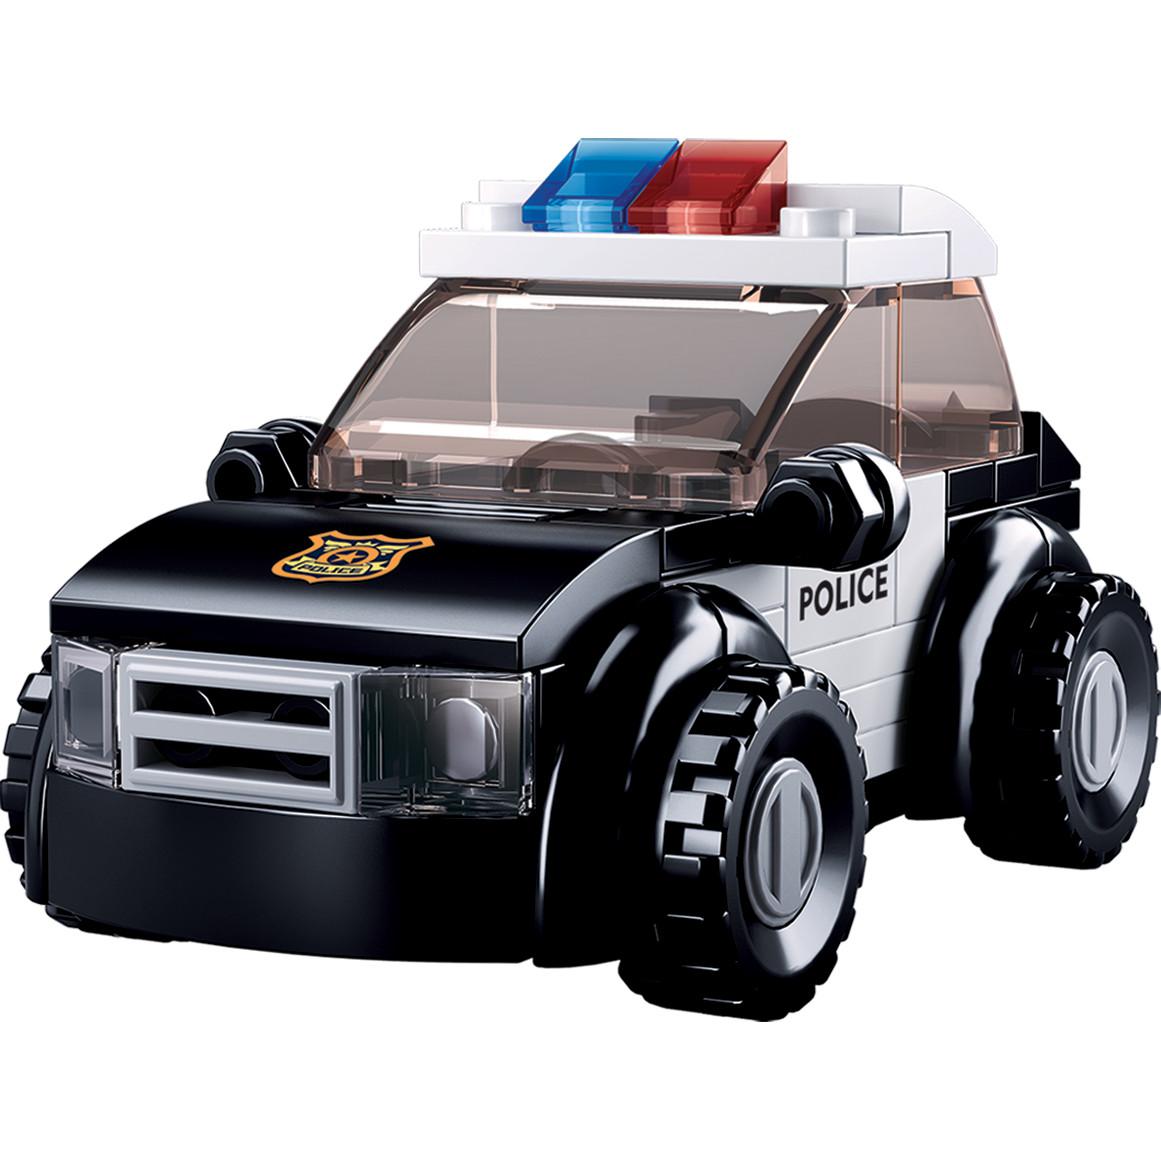 Đồ chơi lắp ráp xe cảnh sát hình sự TINITOY (88 pcs) YY686836